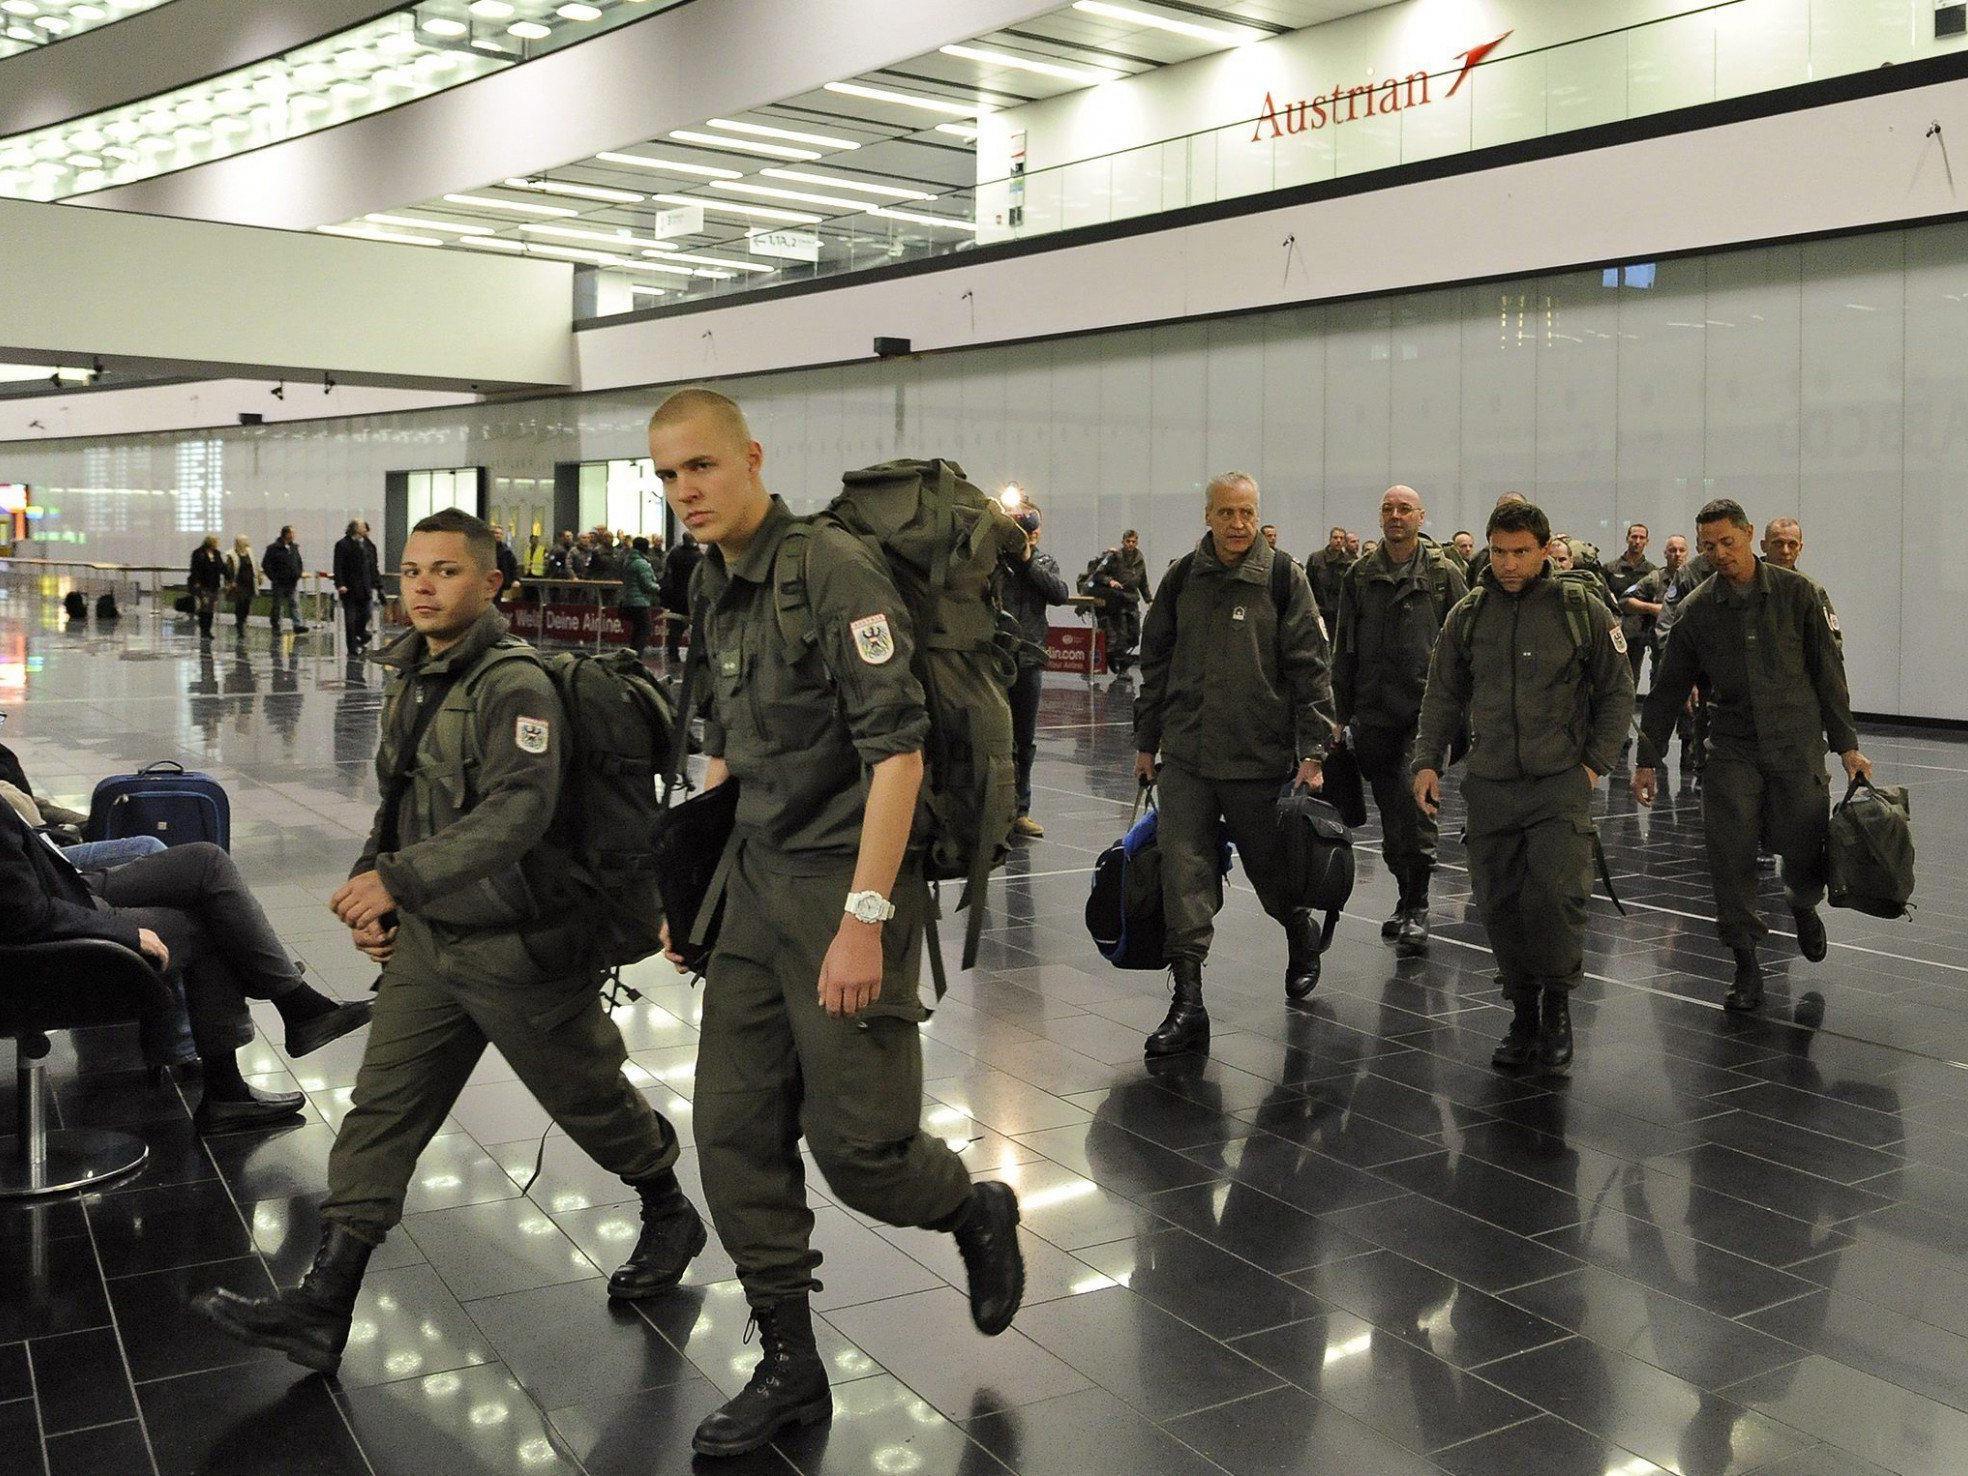 Seit 1974 stehen österreichische Blauhelme an der Grenze zwischen Syrien und Israel.